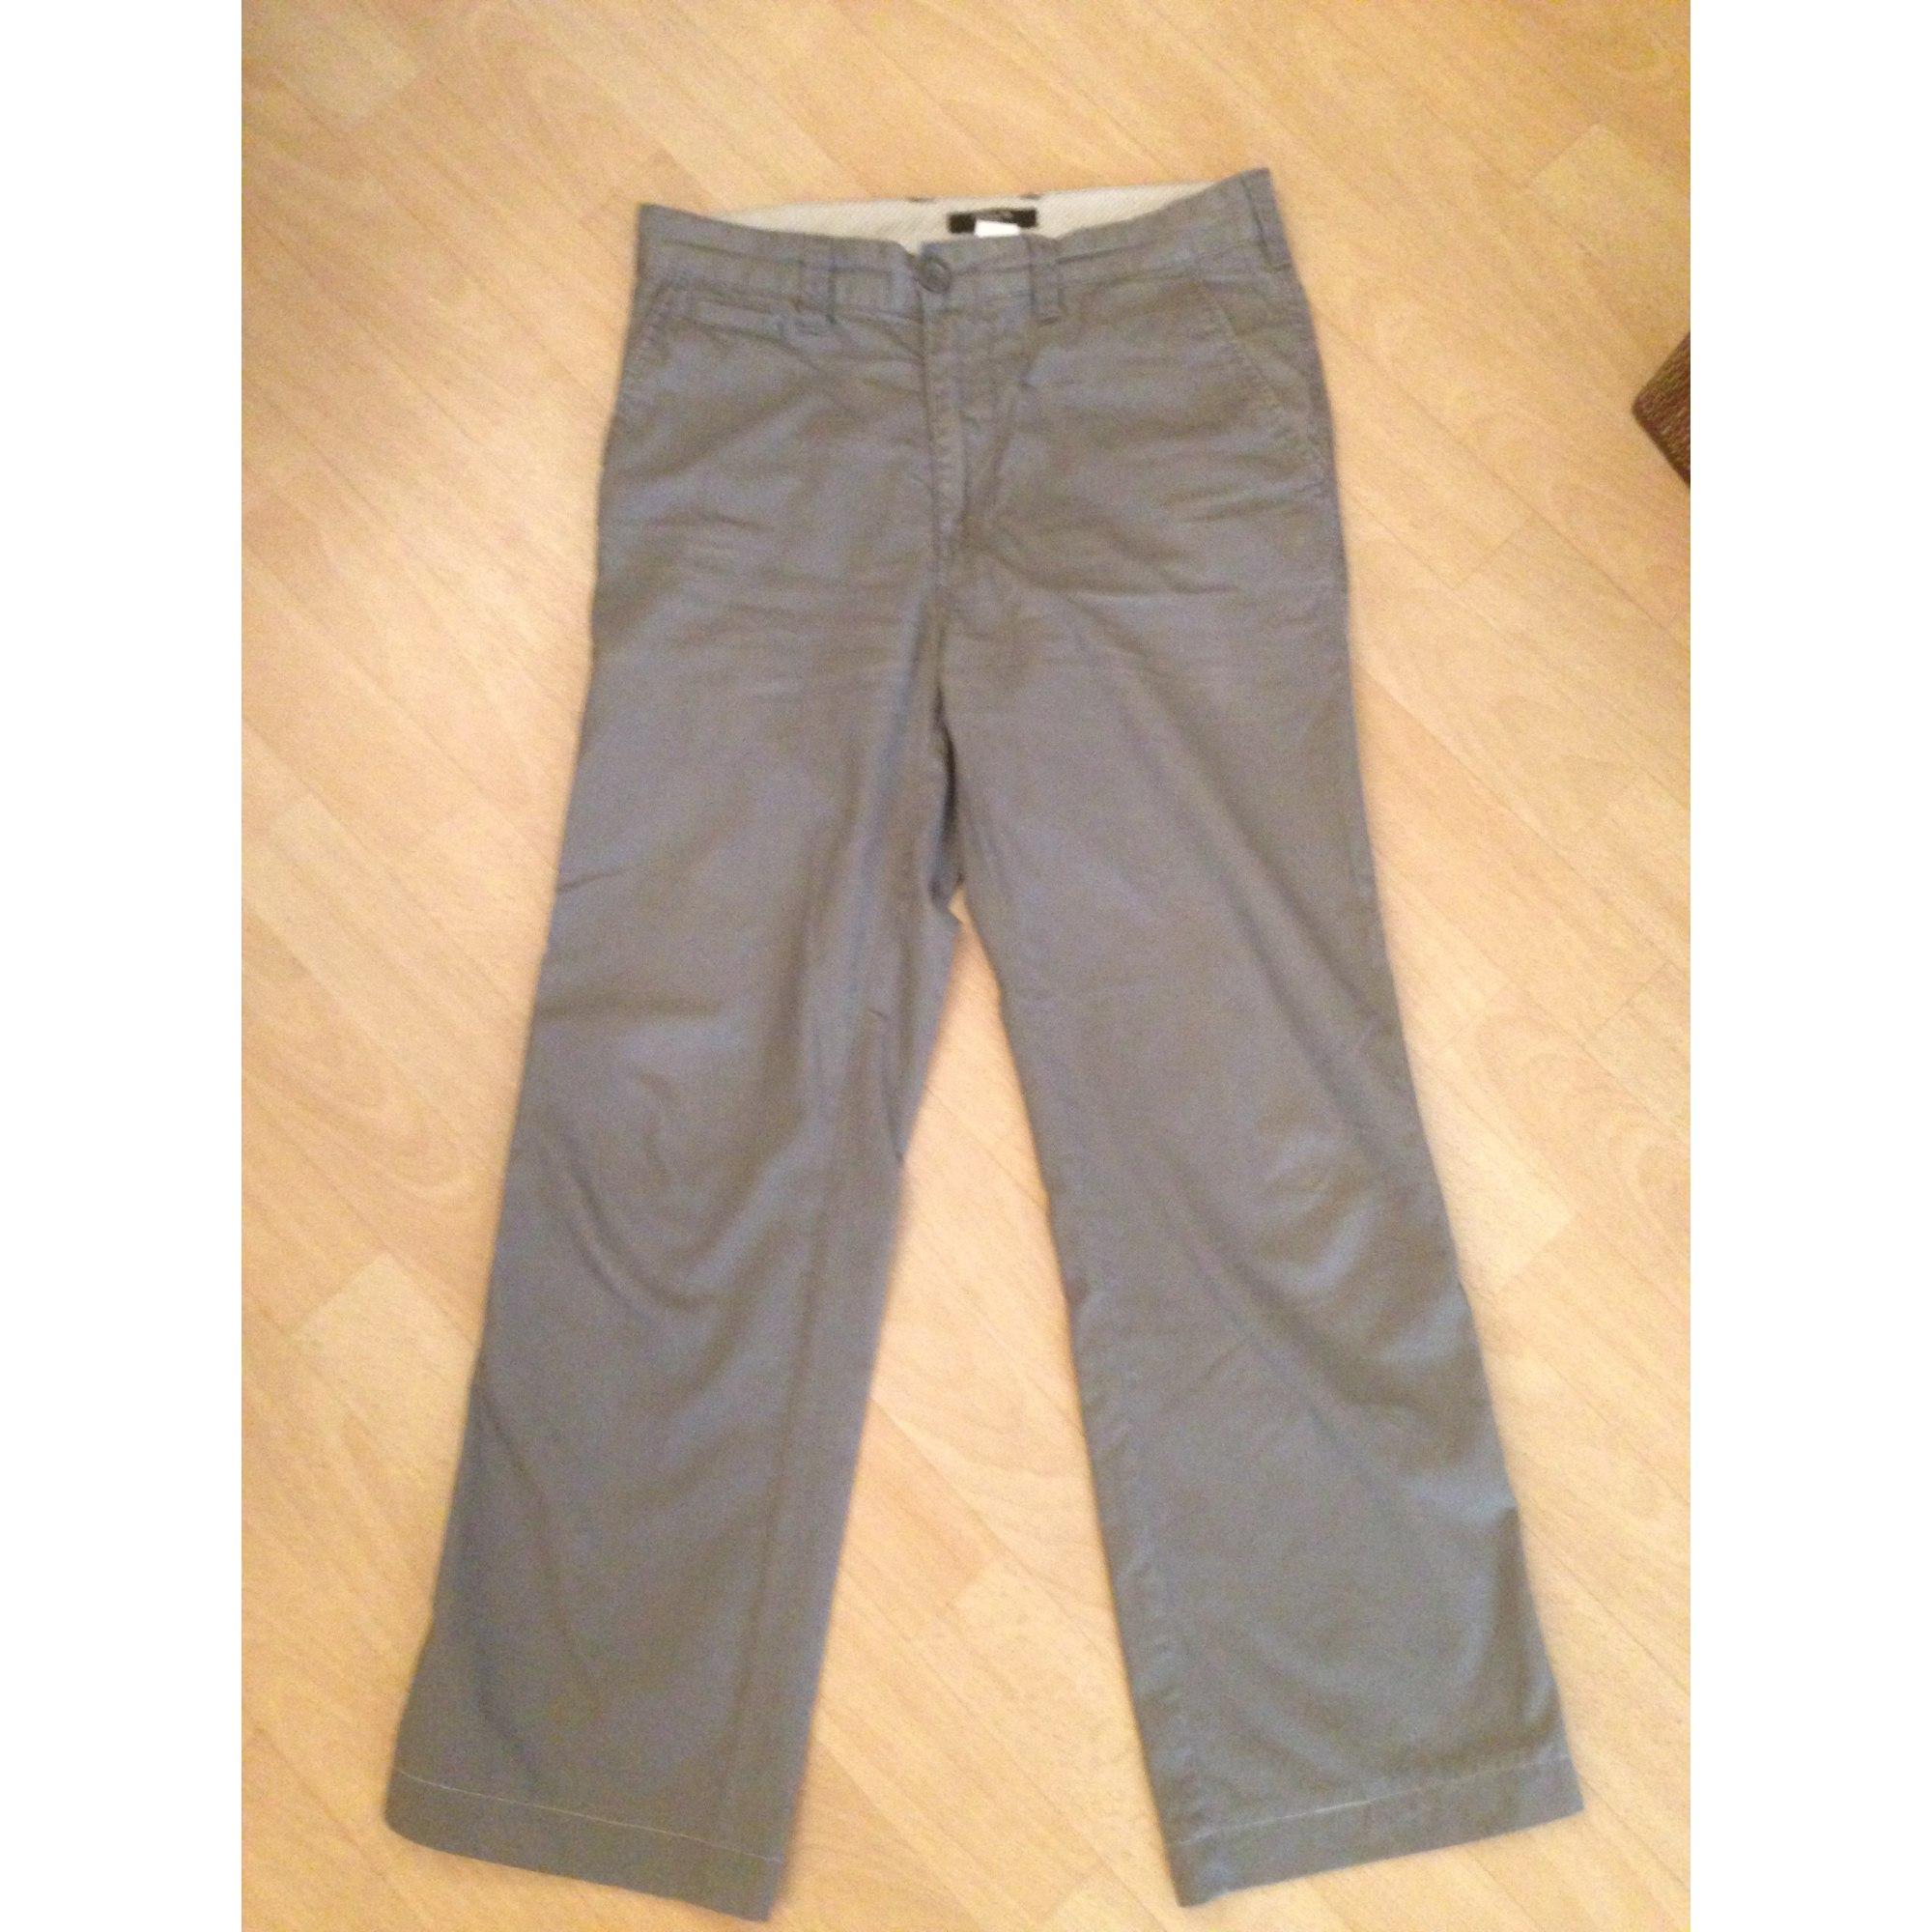 Pantalon droit LA REDOUTE Gris, anthracite